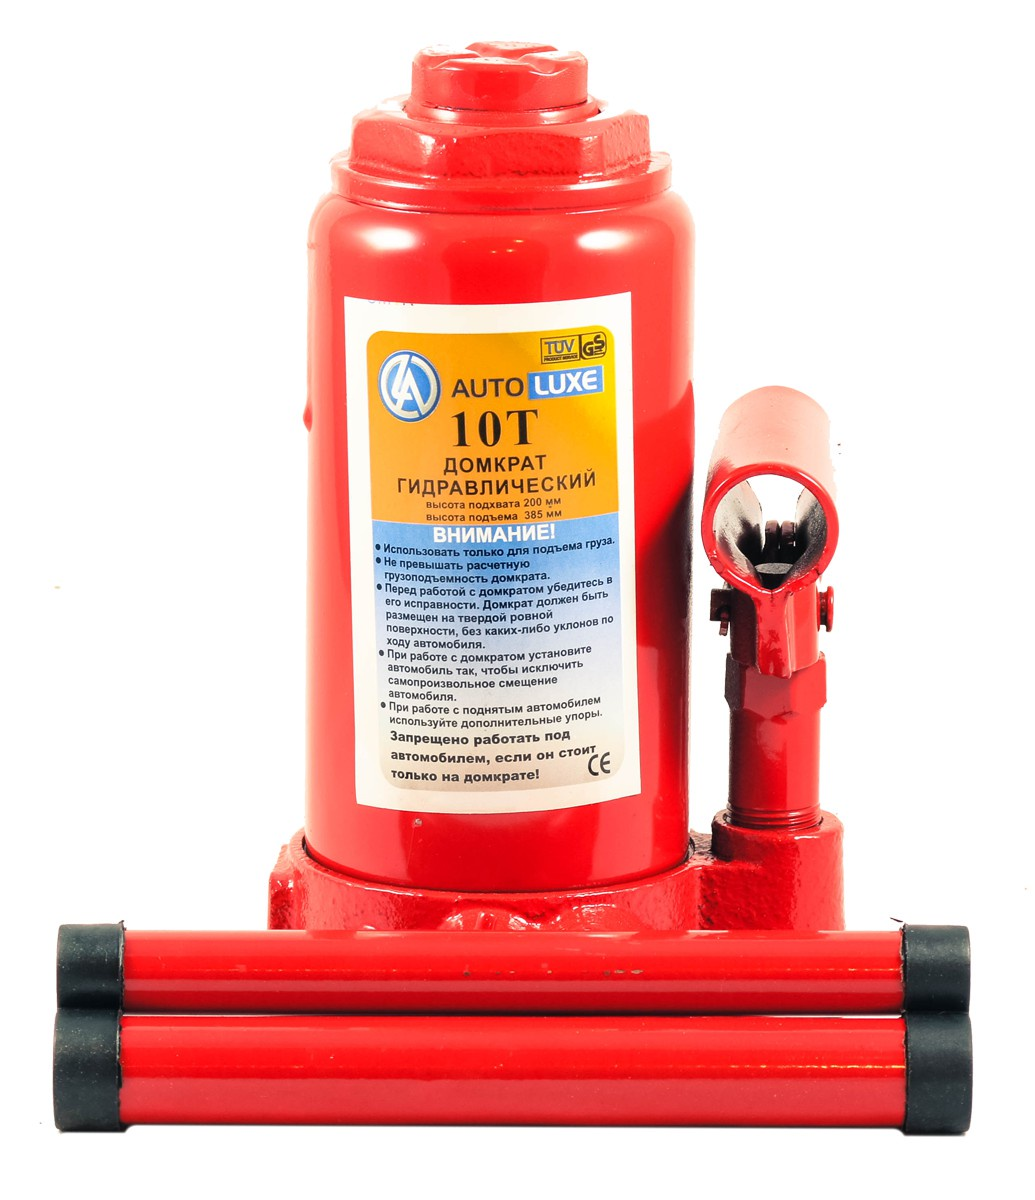 Гидравлический домкрат Autoluxe грузоподъемностью до 10 тонн, красный